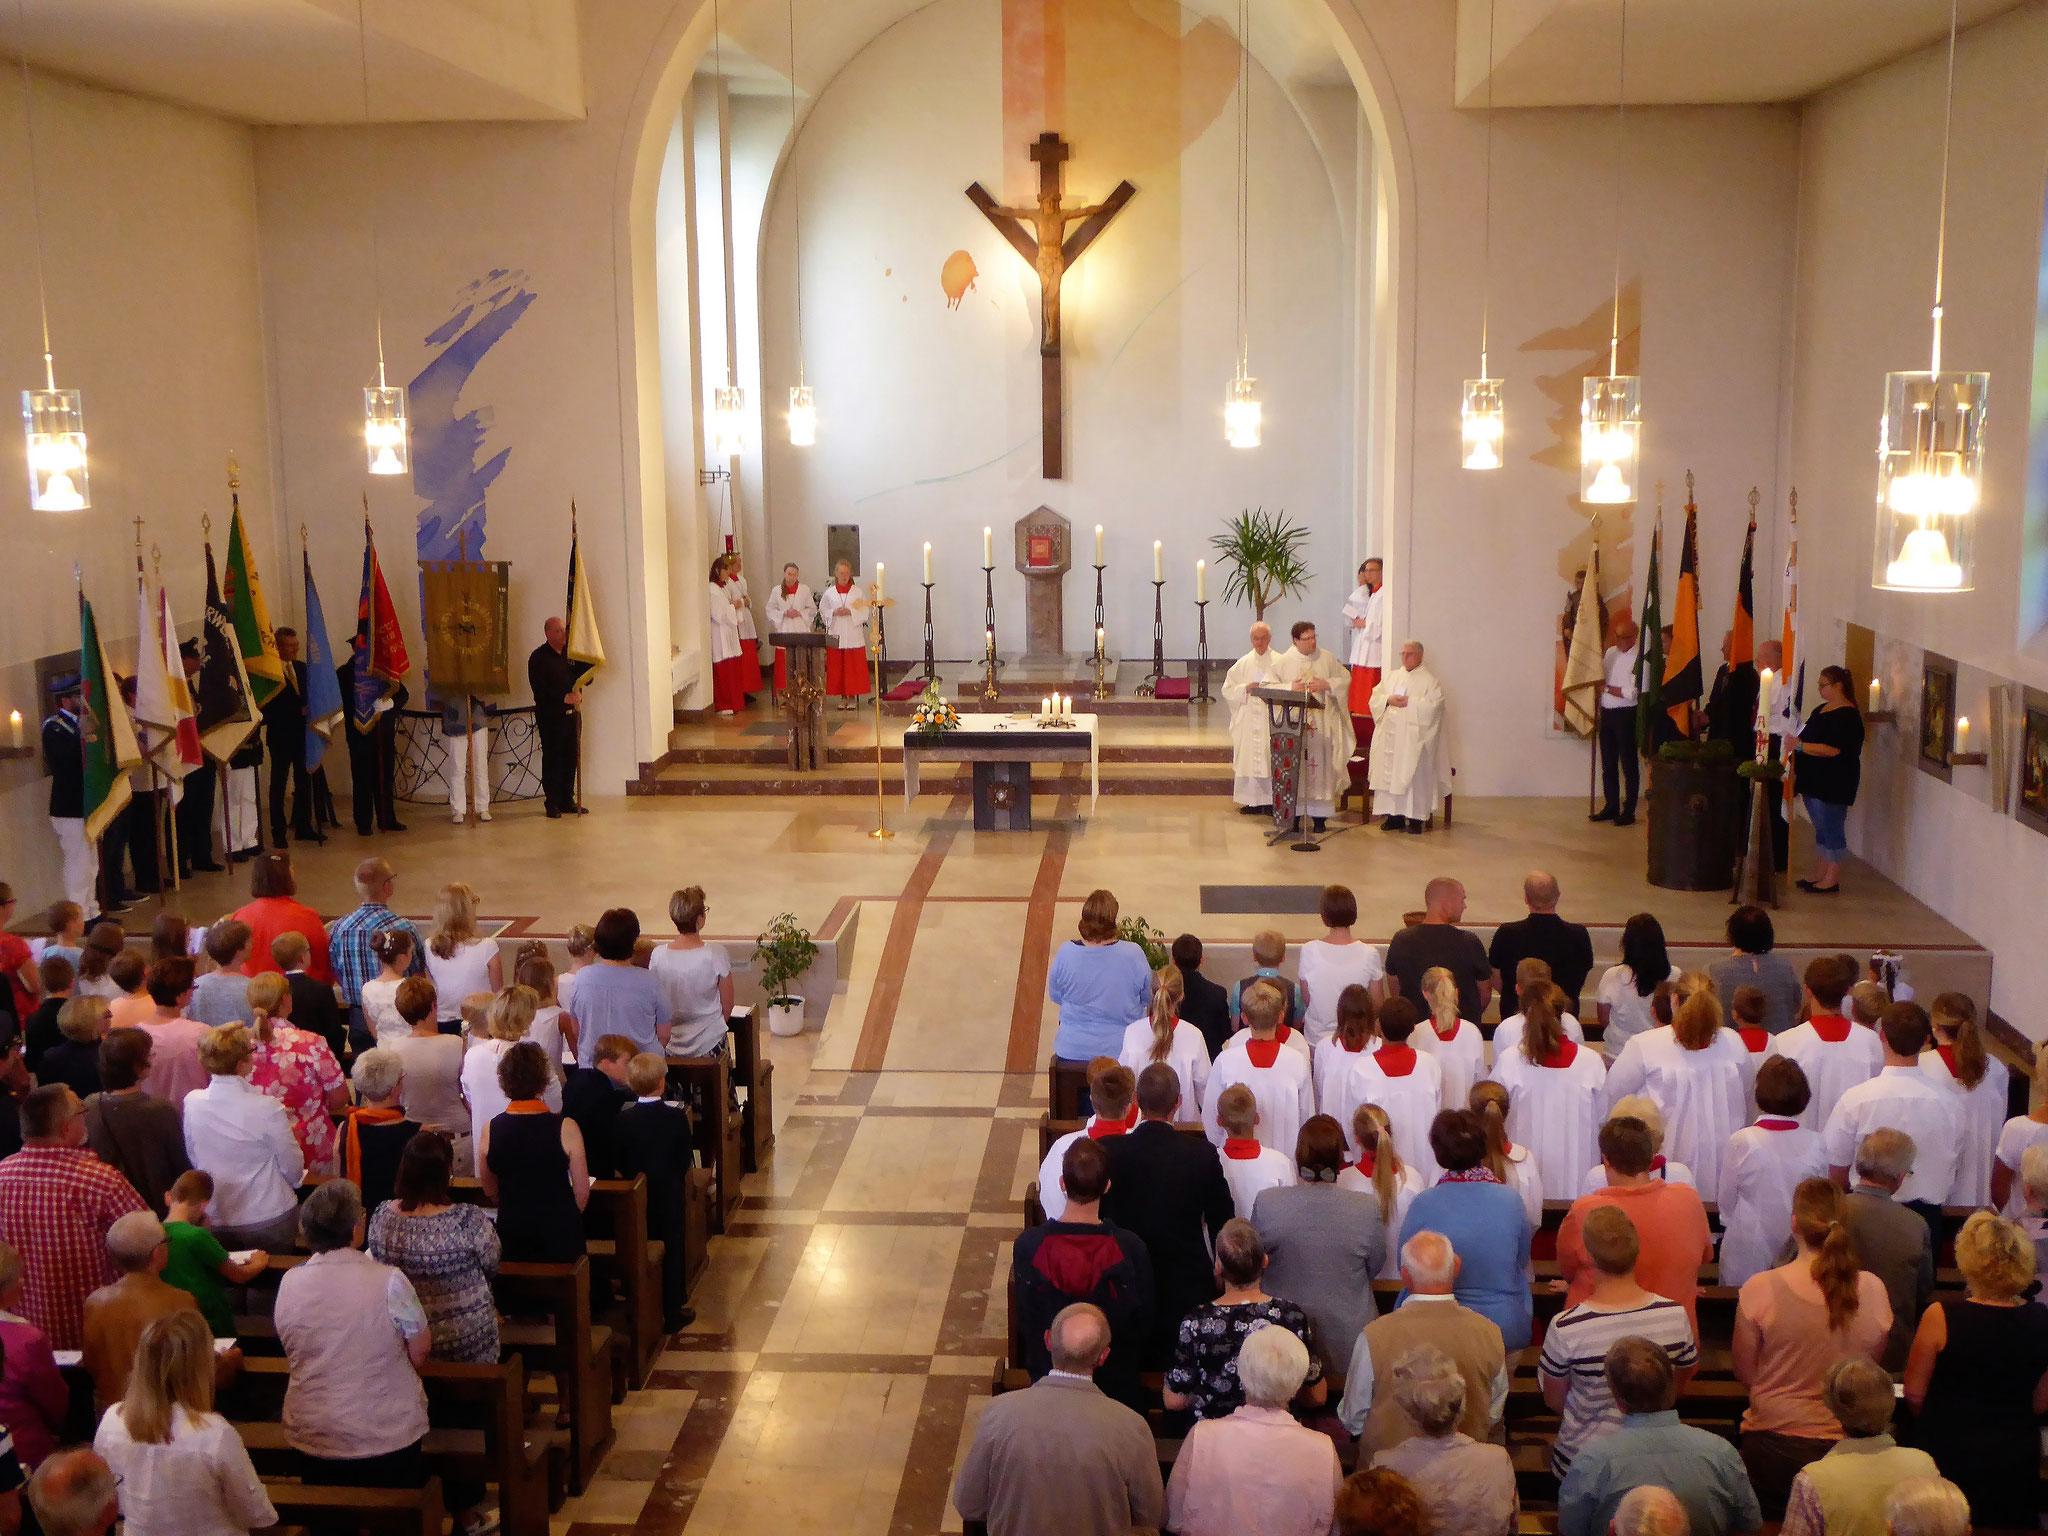 Hl. Messe in der St. Albertus-Magnus-Kirche in Hovestadt